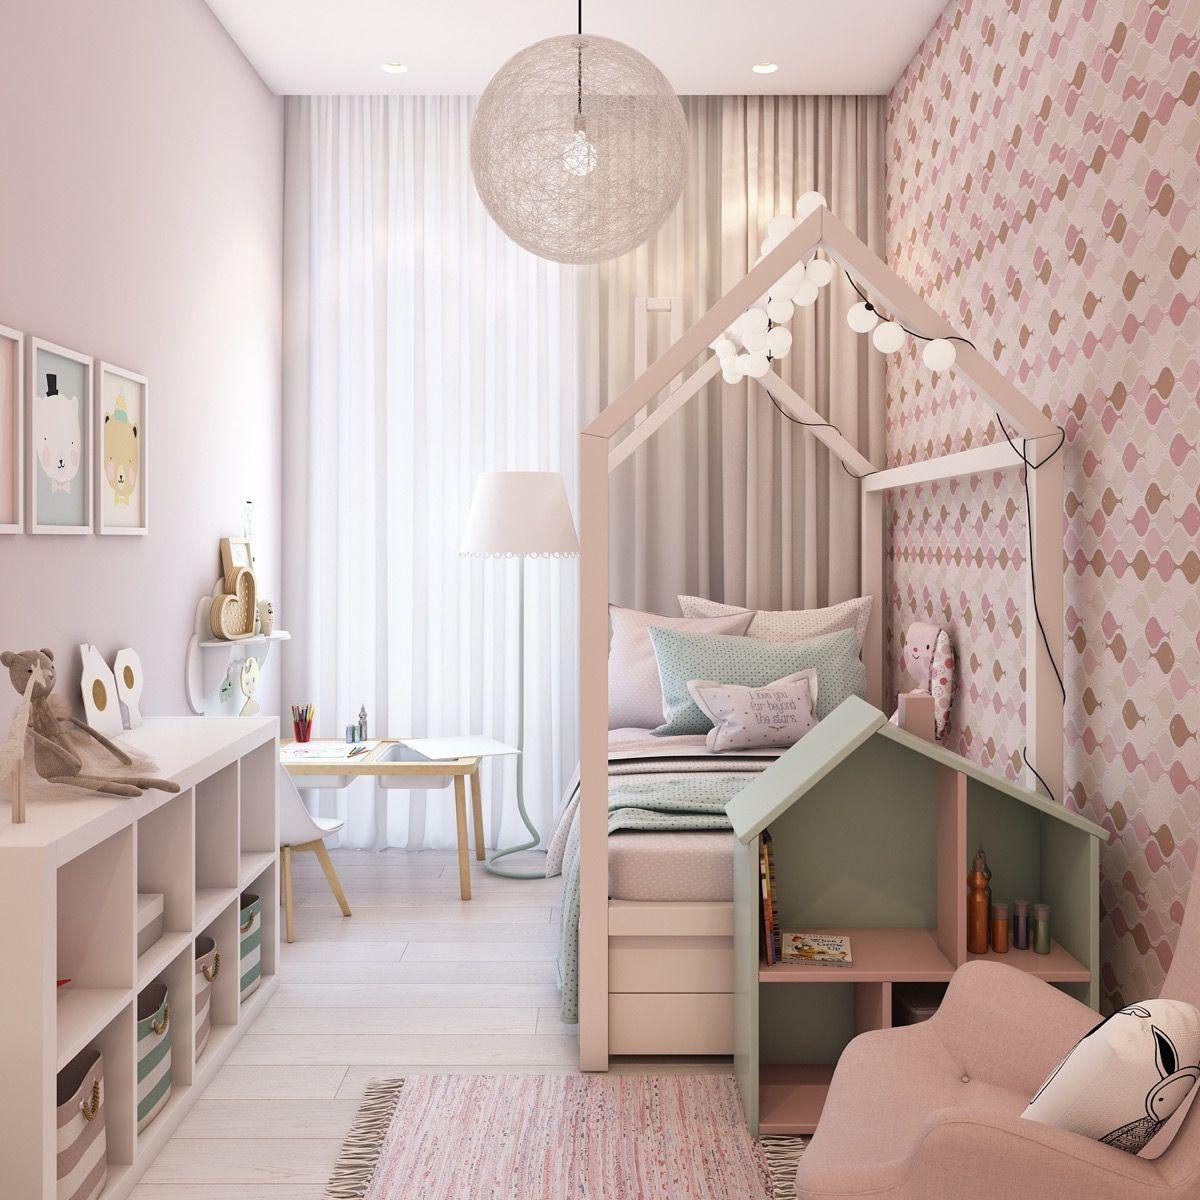 Ein Kinderzimmer Modern Und Originell Zu Gestalten Ist Eine Spannende Aufgabe Bei Der Die Heranwachsenden Miteinbezogen Werden Mussen Ruckzugsort Wo